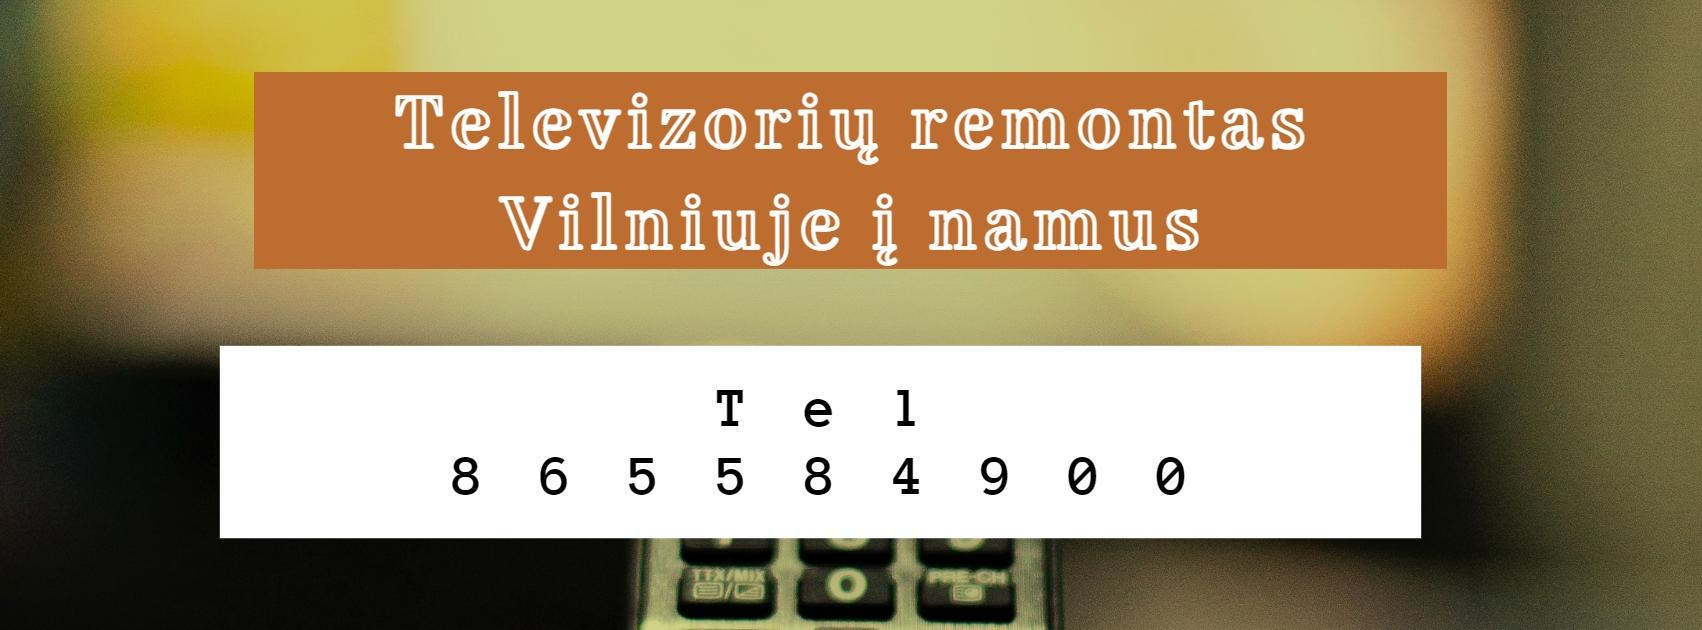 Televizorių remontas Vilniuje į namus.jpg